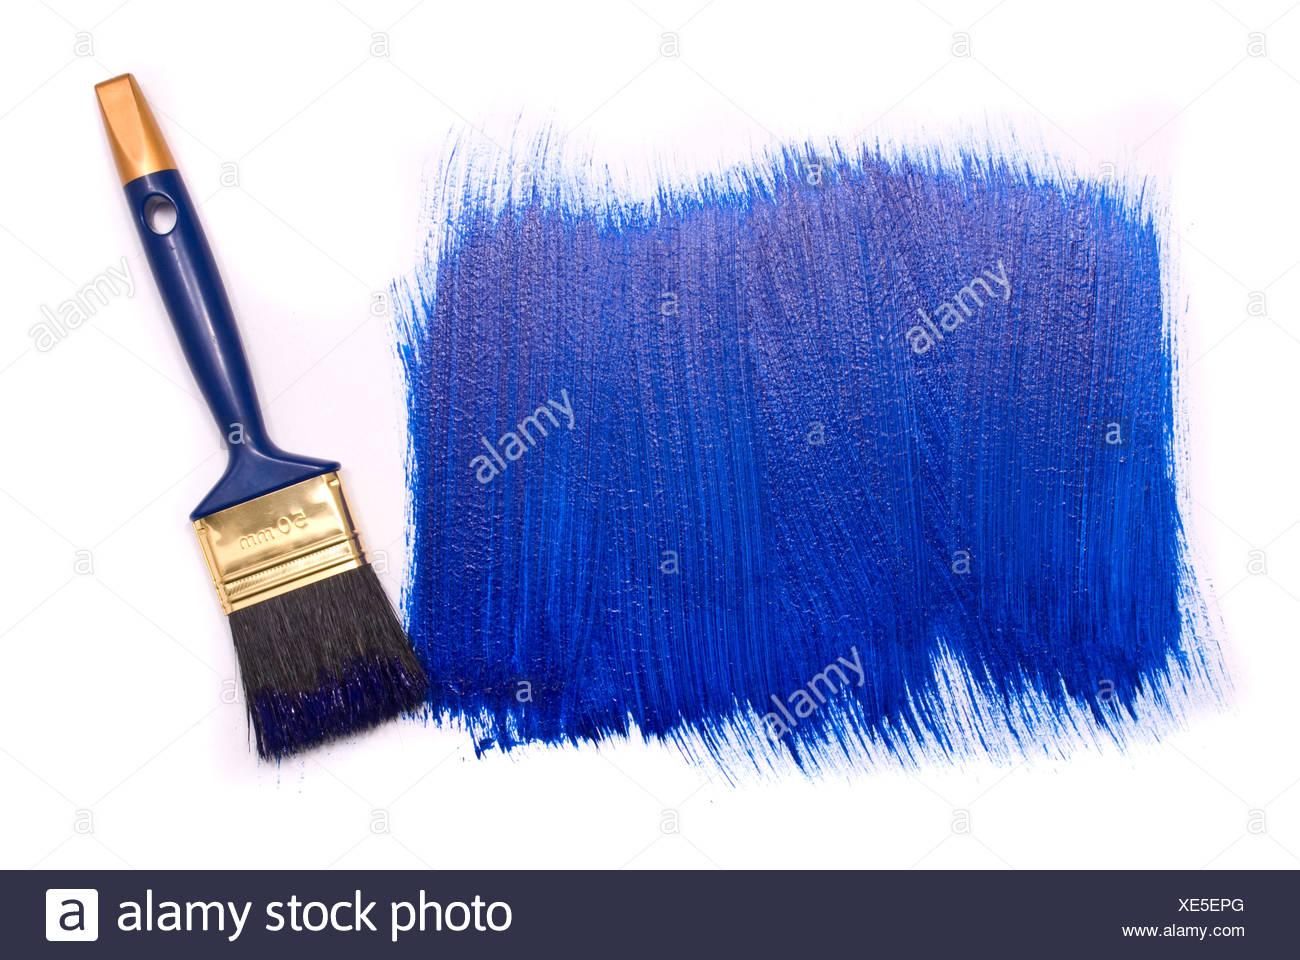 Spazzola professionale con vernice blu su sfondo bianco Immagini Stock